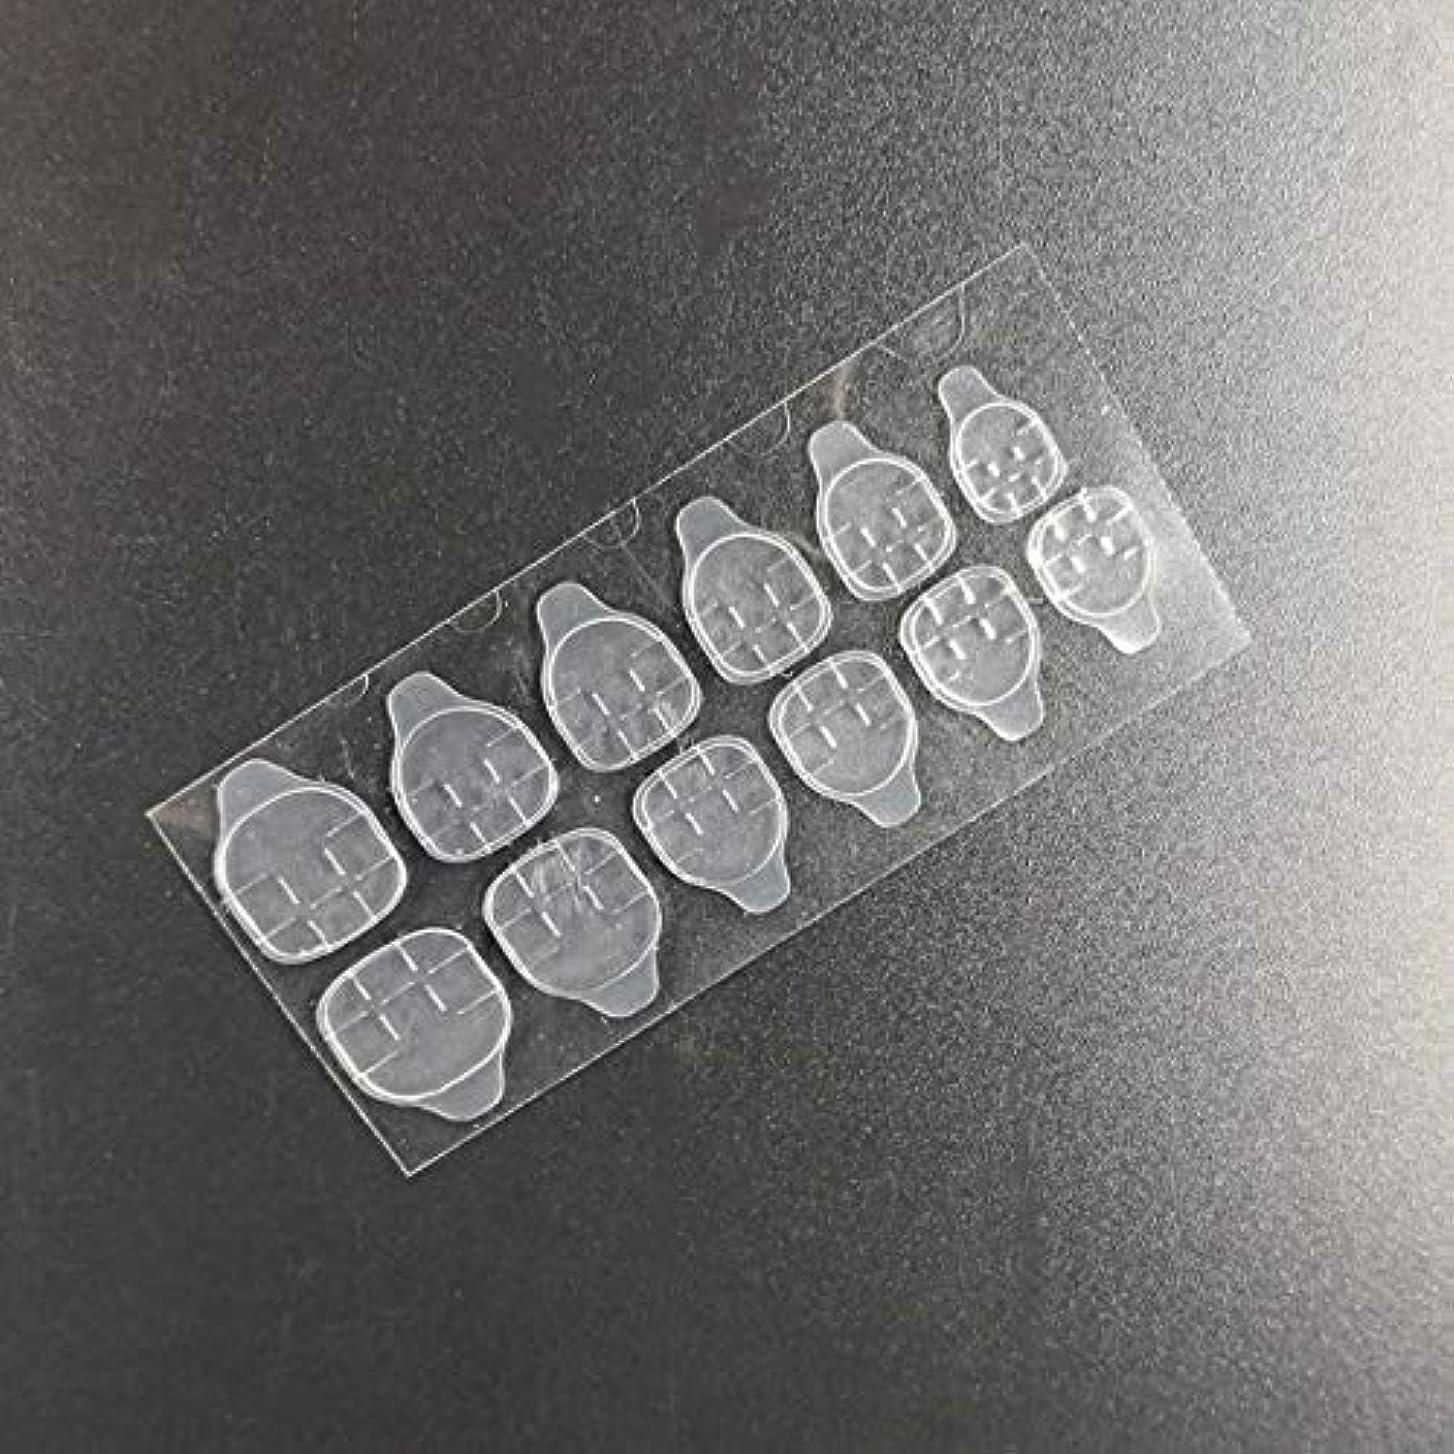 農場抵抗する生き返らせるQuzama-JS ニースネイルゼリー両面粘着テープ透明ネイルグルーステッカーネイルアート美容実用実用ネイルゼリーステッカー(None Clear strip)